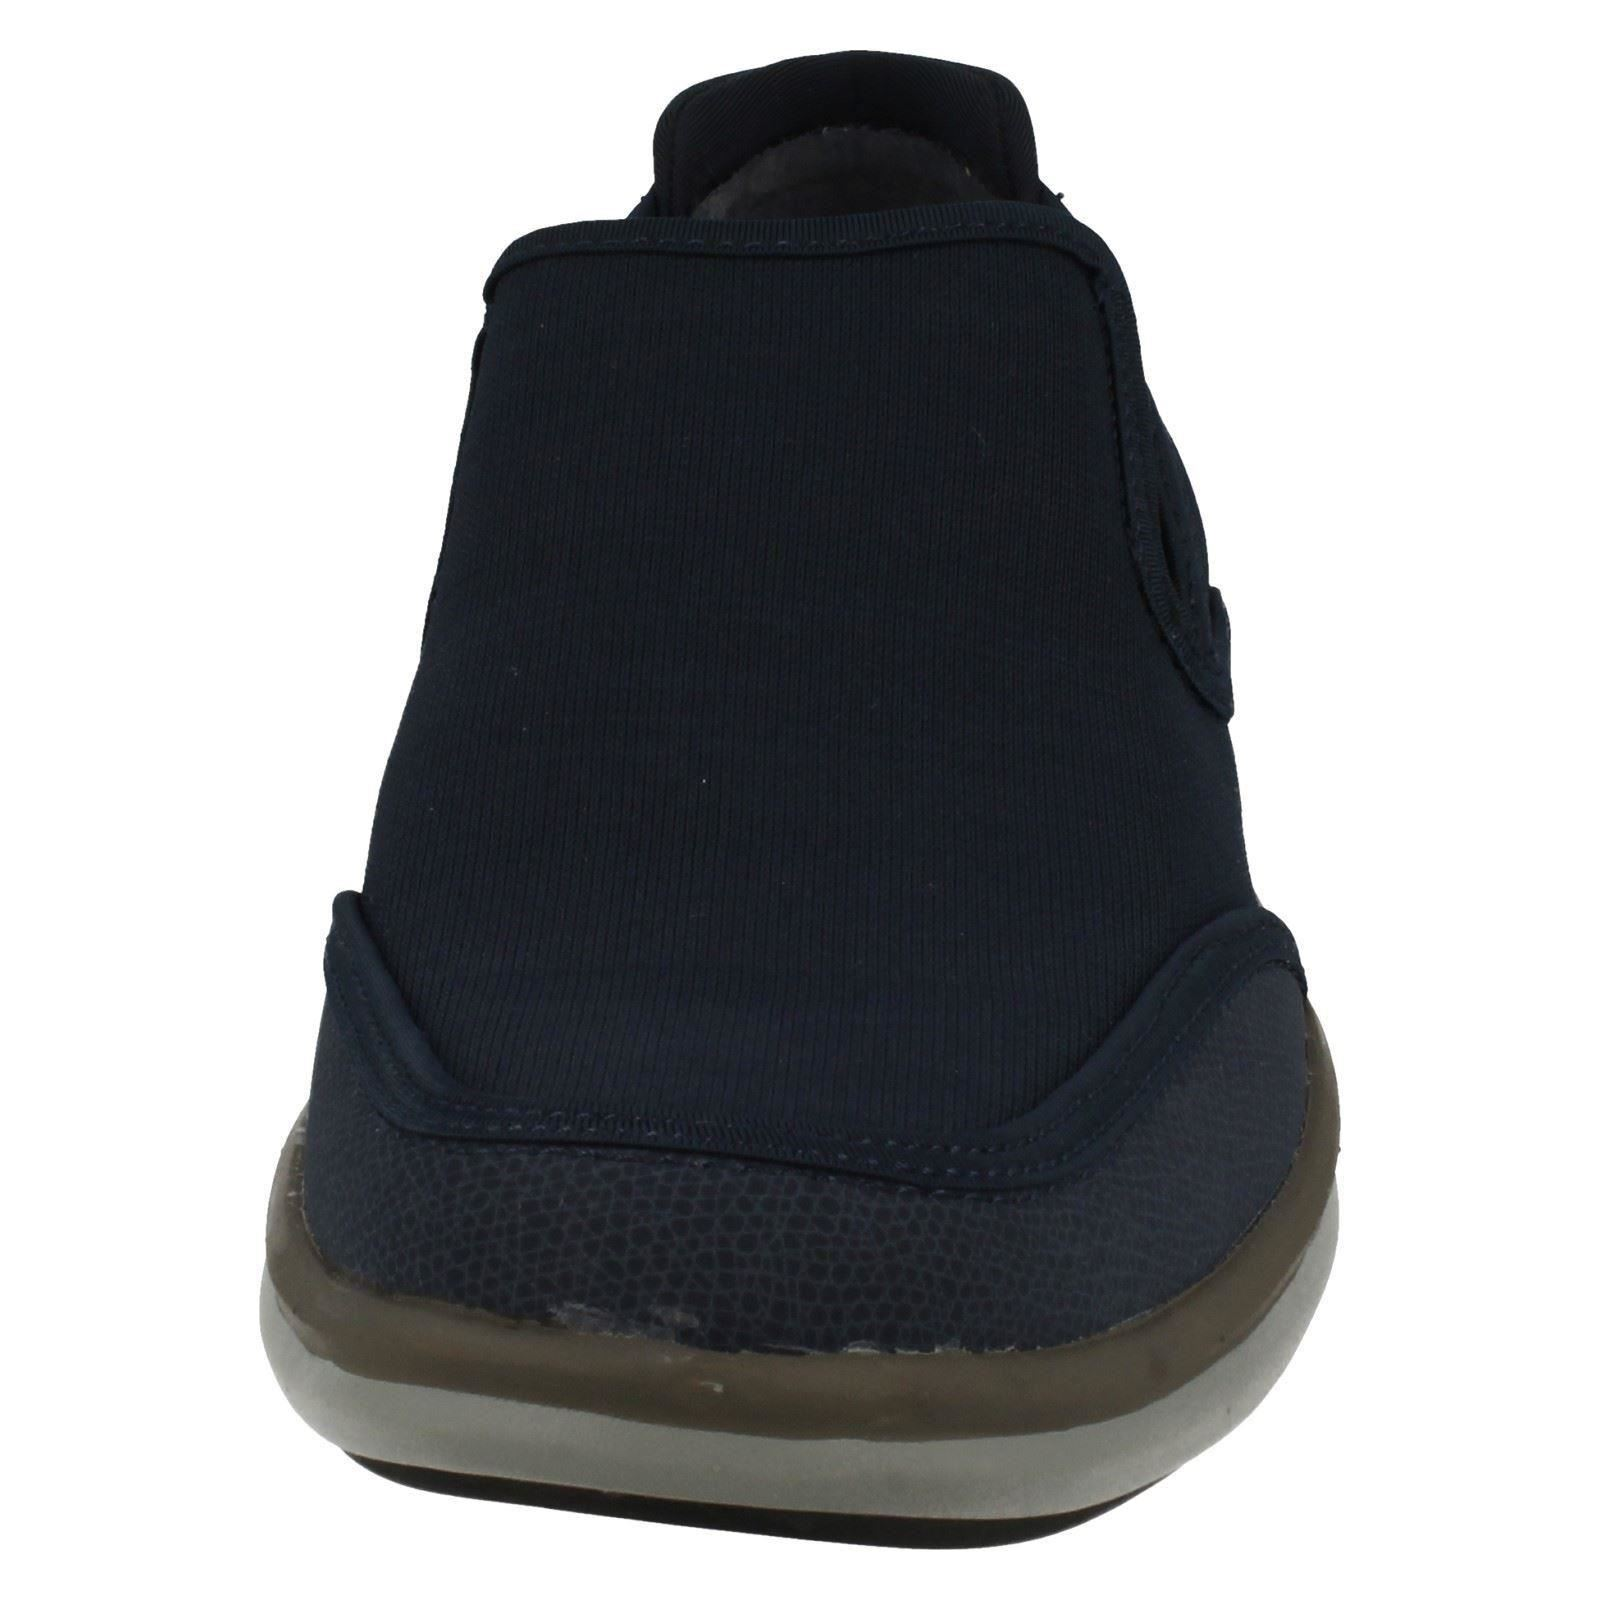 Herren MBRK NBSON für Skechers Helston 68130 schwarz oder marine Stretch